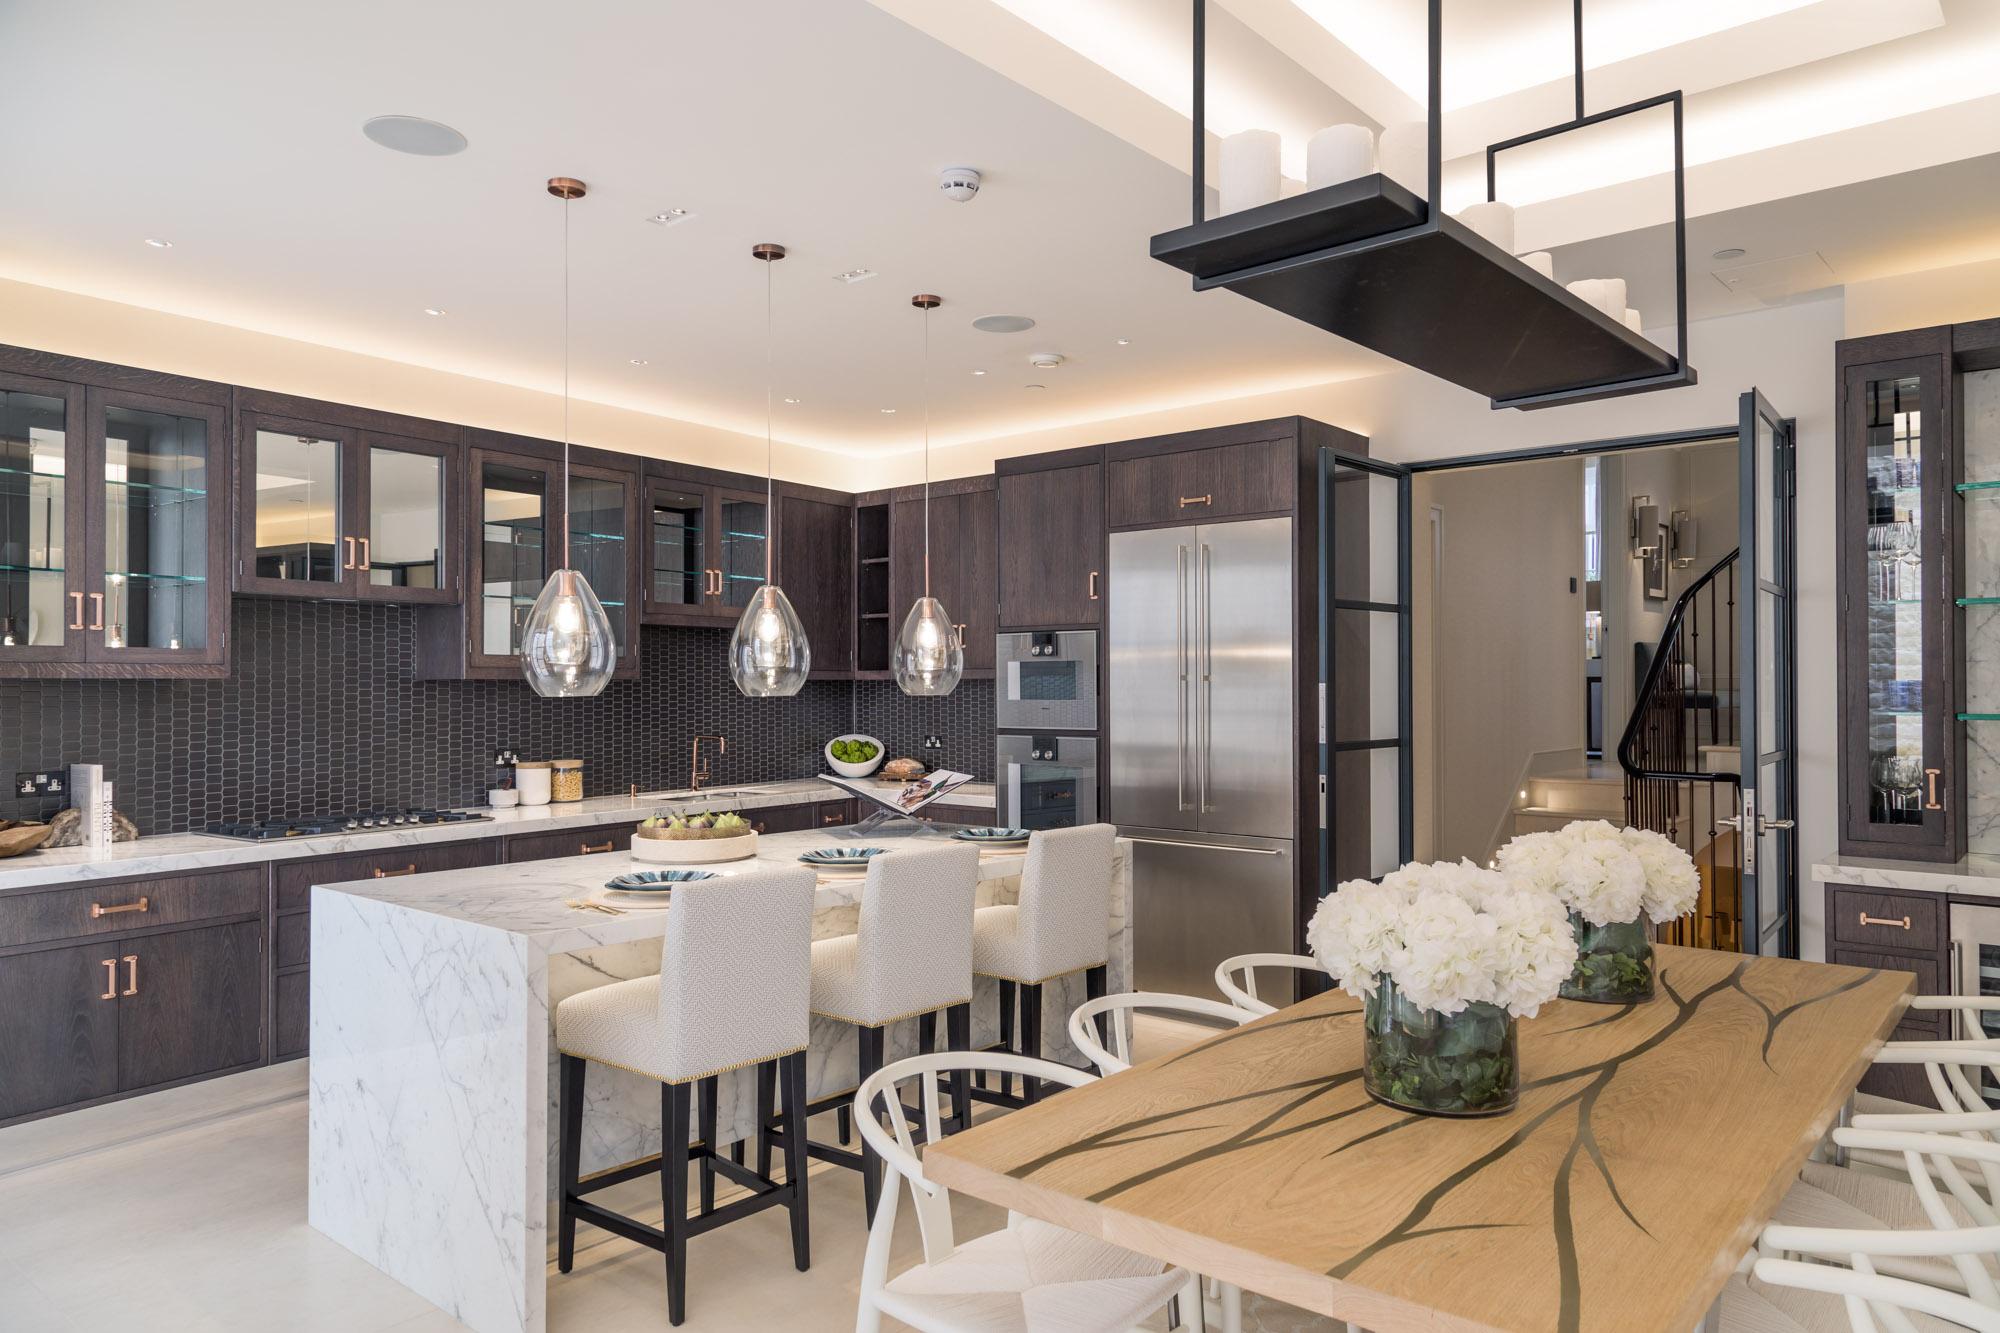 jonathan bond, interior photographer, kitchen, chelsea, london